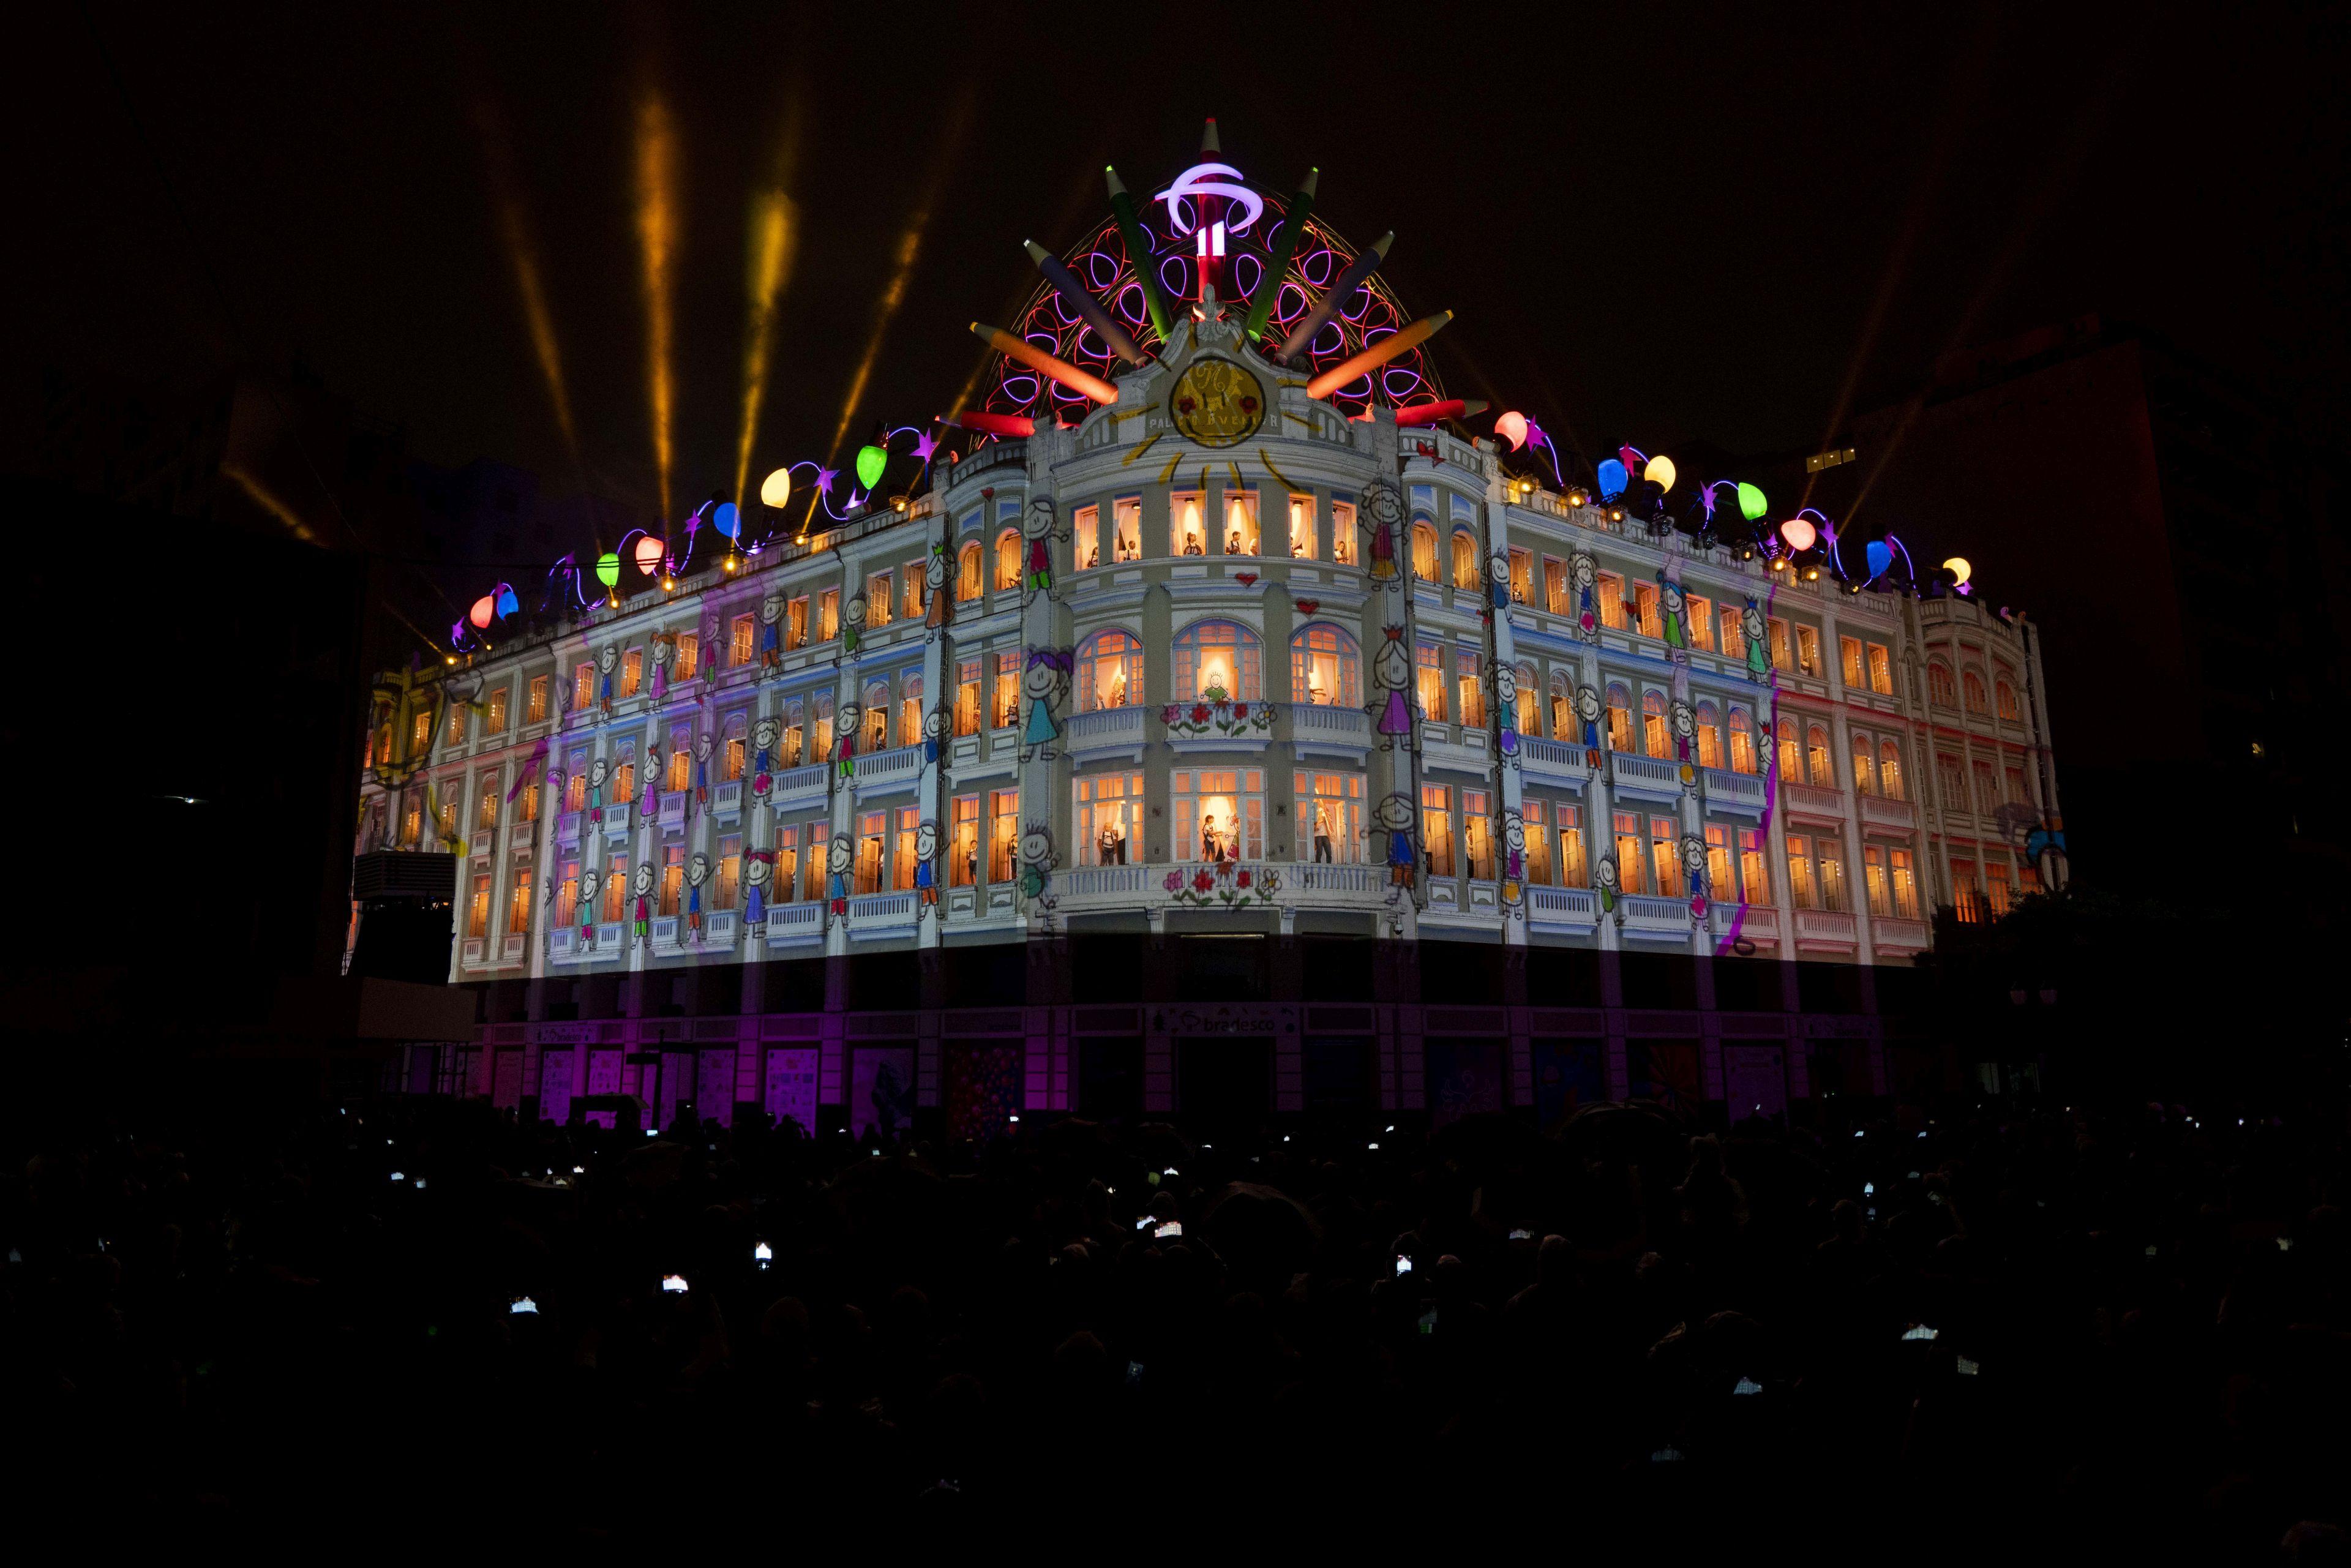 Eventos no Palácio Avenida são figurinhas carimbadas no Natal curitibano.